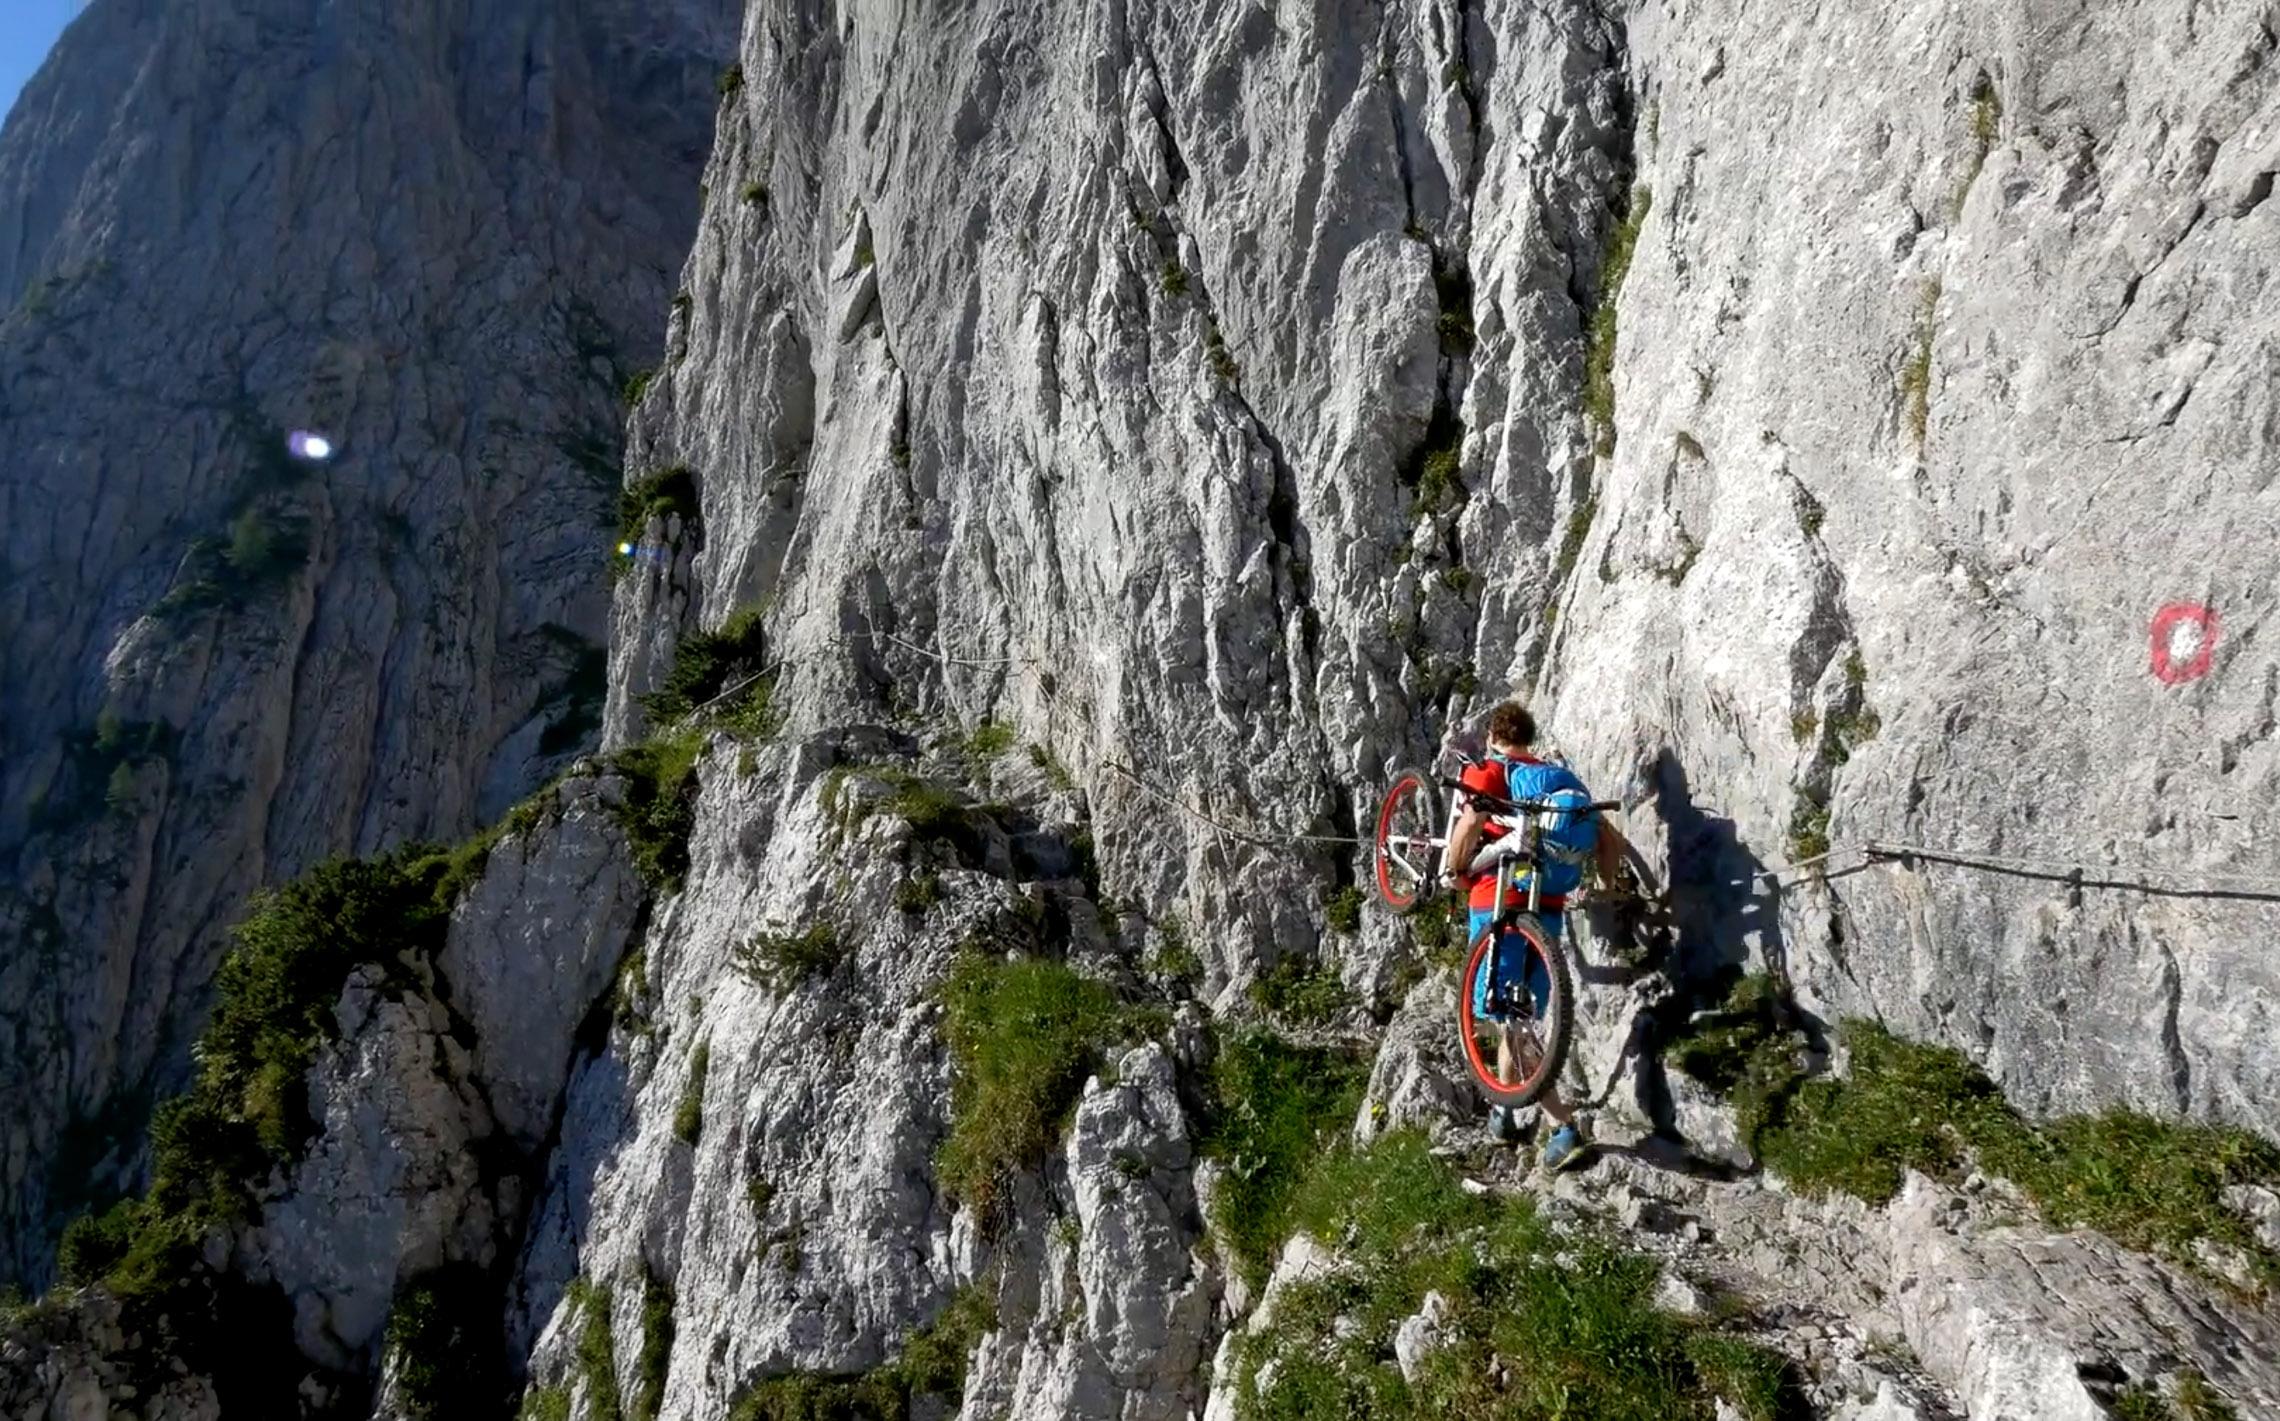 Klettersteig Wilder Kaiser : Wilder kaiser extreme johannes pistrol zeigt bikebergsteigen am